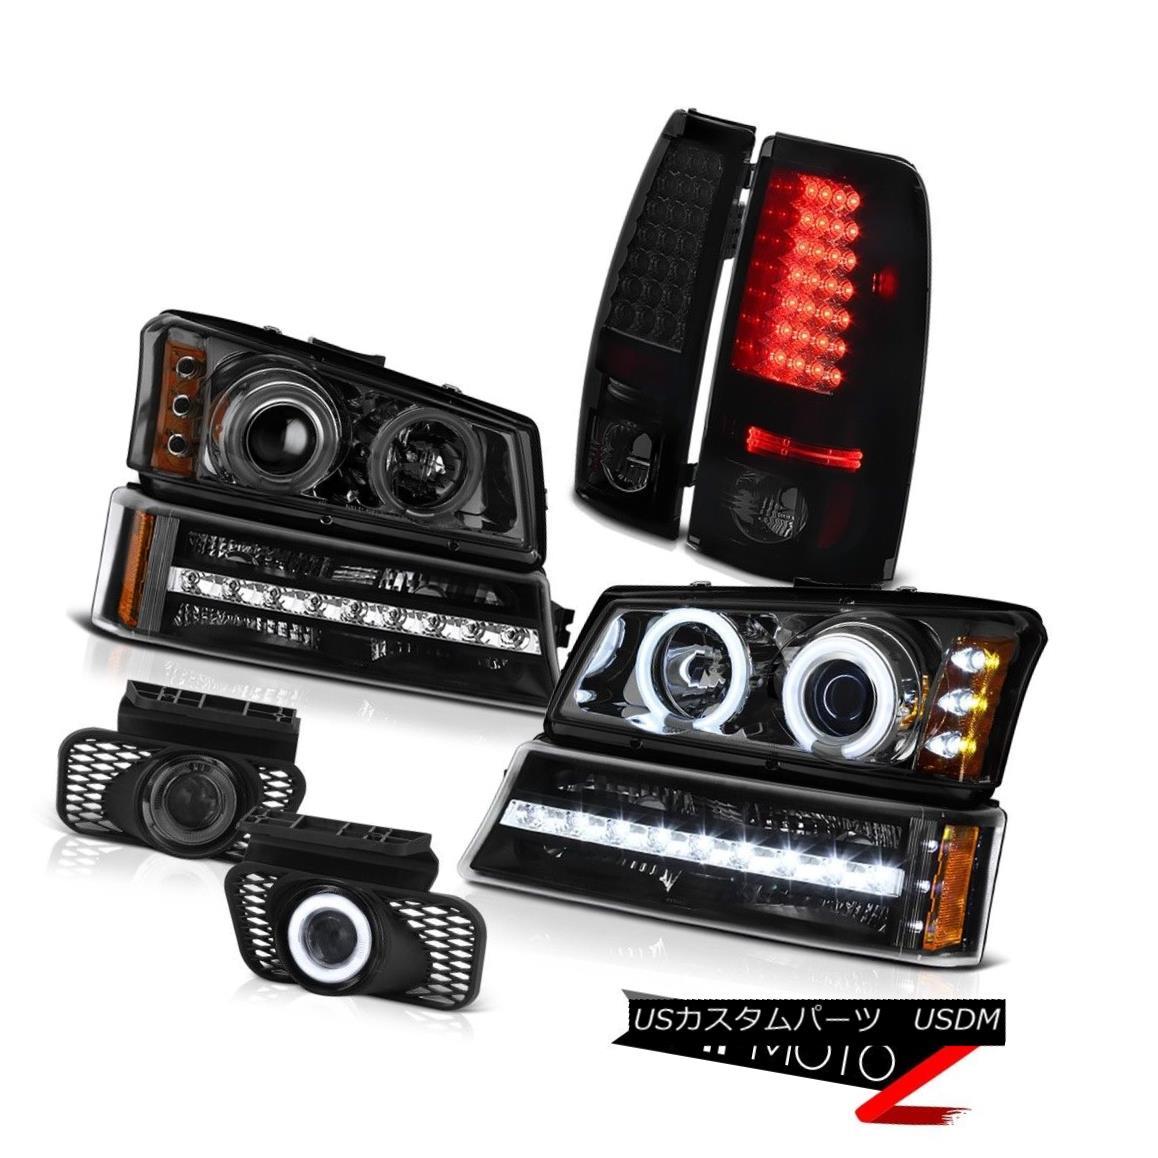 テールライト 03-06 Silverado 3500HD Foglights smoke tinted taillights turn signal headlamps 03-06シルバラード3500HDフォグライトターンテイリングテールライトターンシグナルヘッドランプ